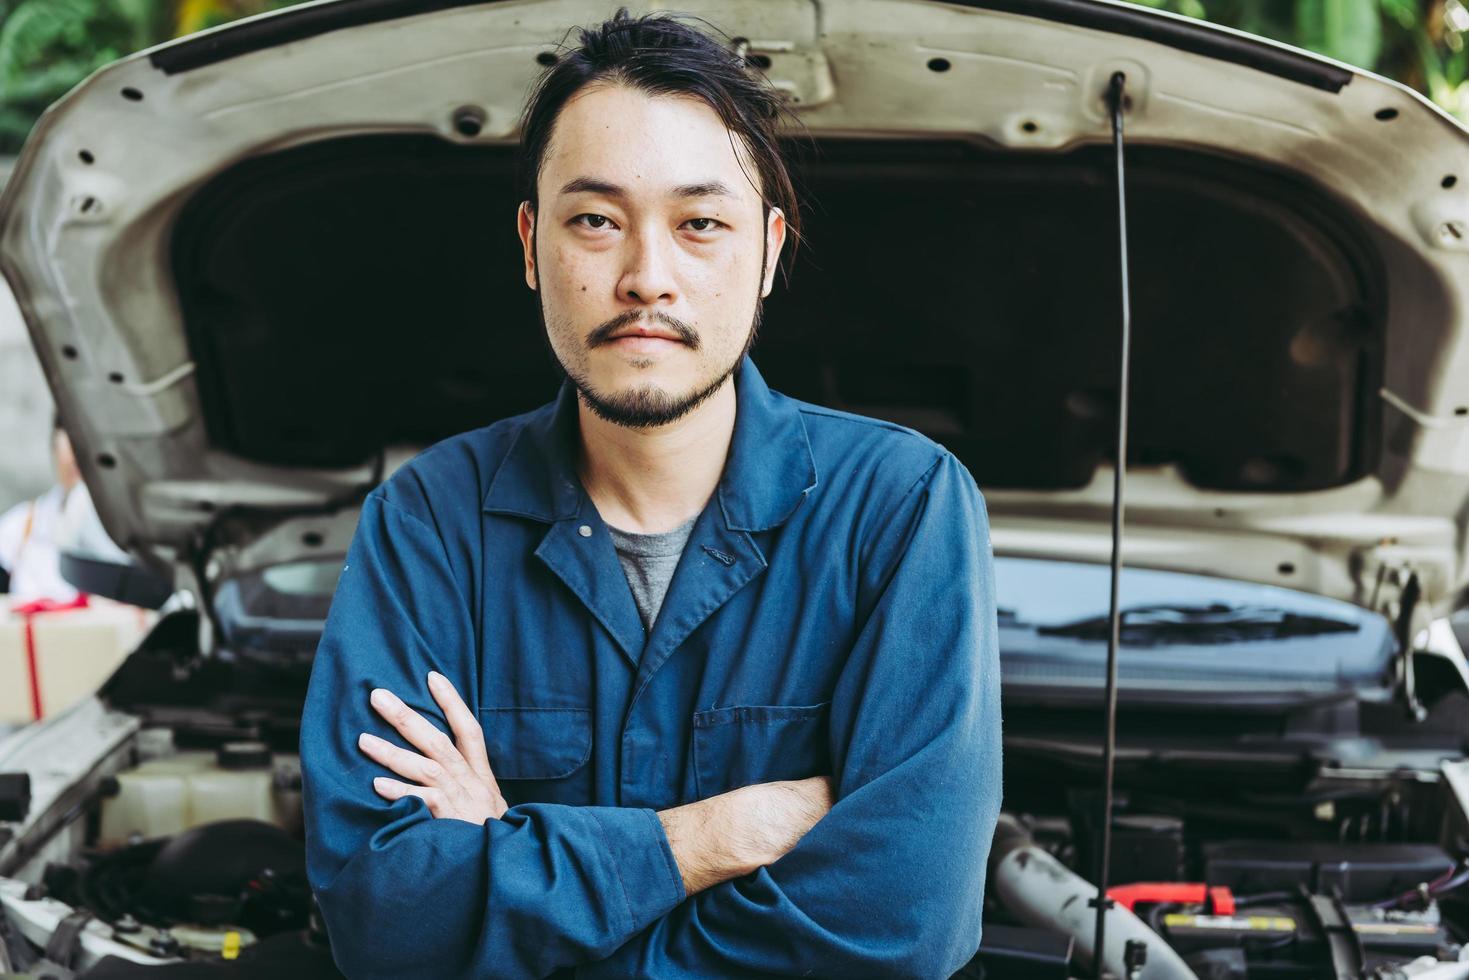 automonteur portret foto